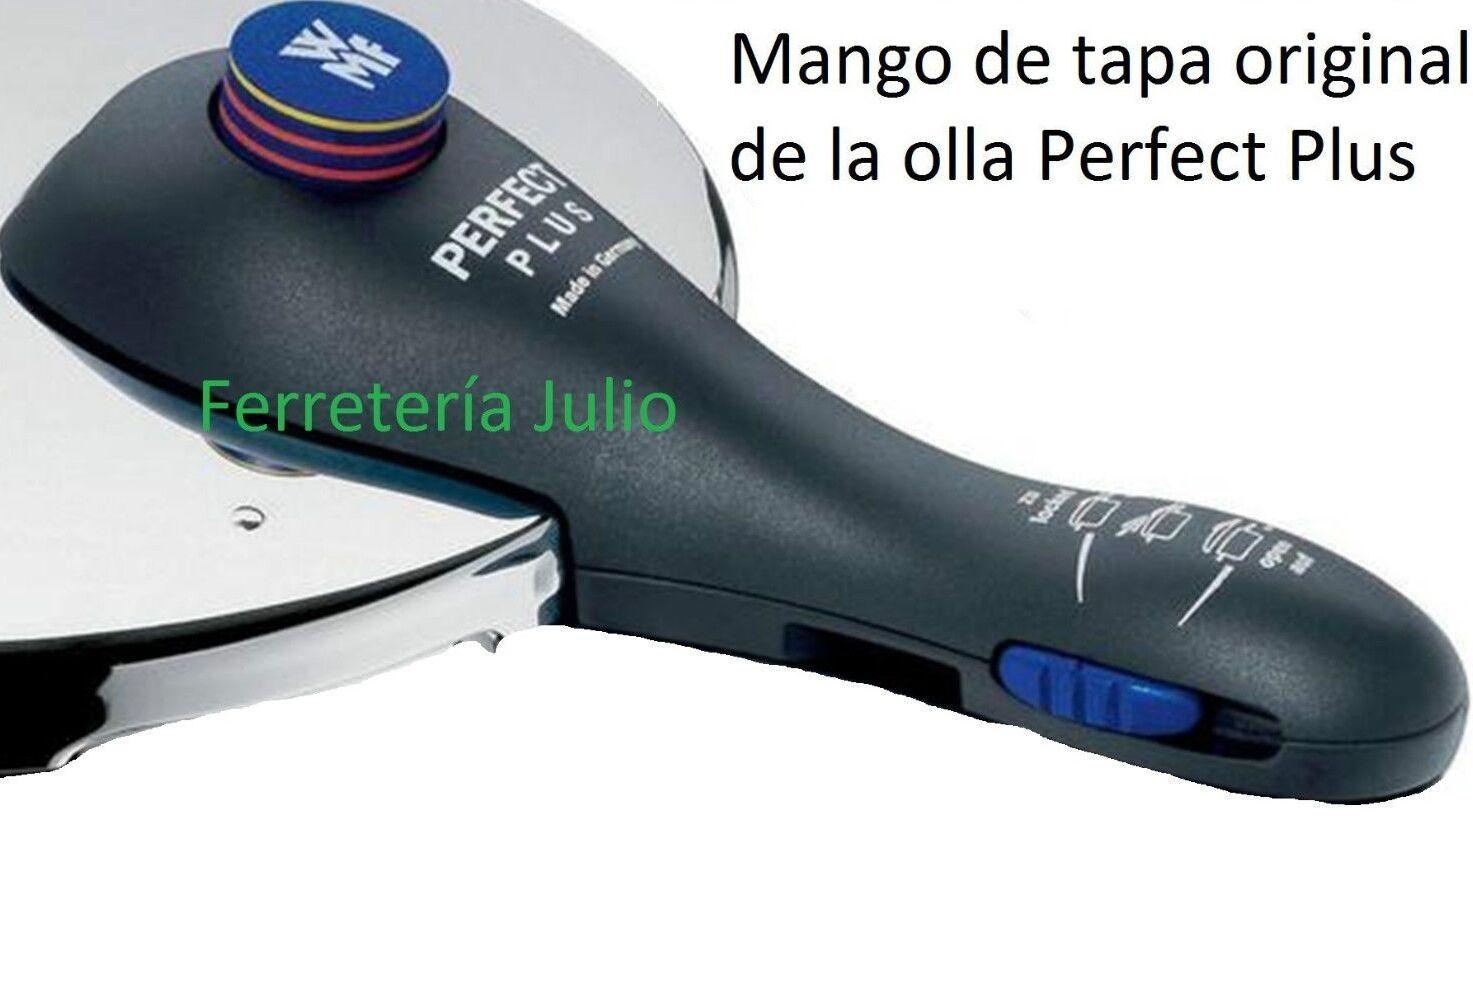 MANGO OLLA PERFECT PLUS RESPUESTO ORIGINAL WMF repuestos de la tapa 0895609200